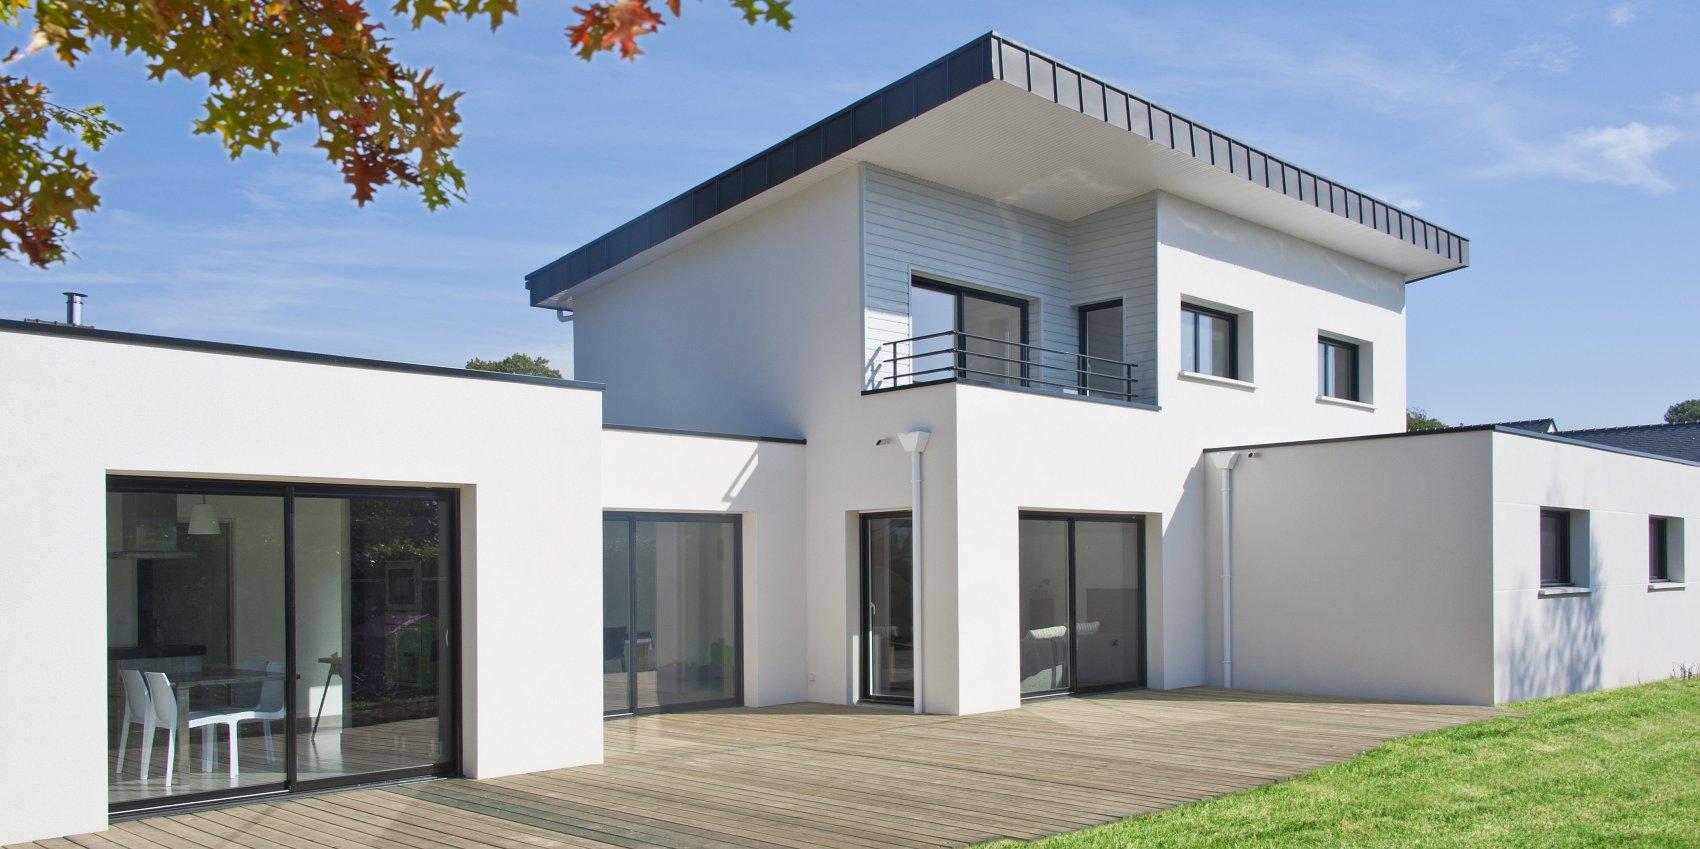 Constructeur maison finistere pas cher ventana blog for Constructeur maison ossature bois pas cher